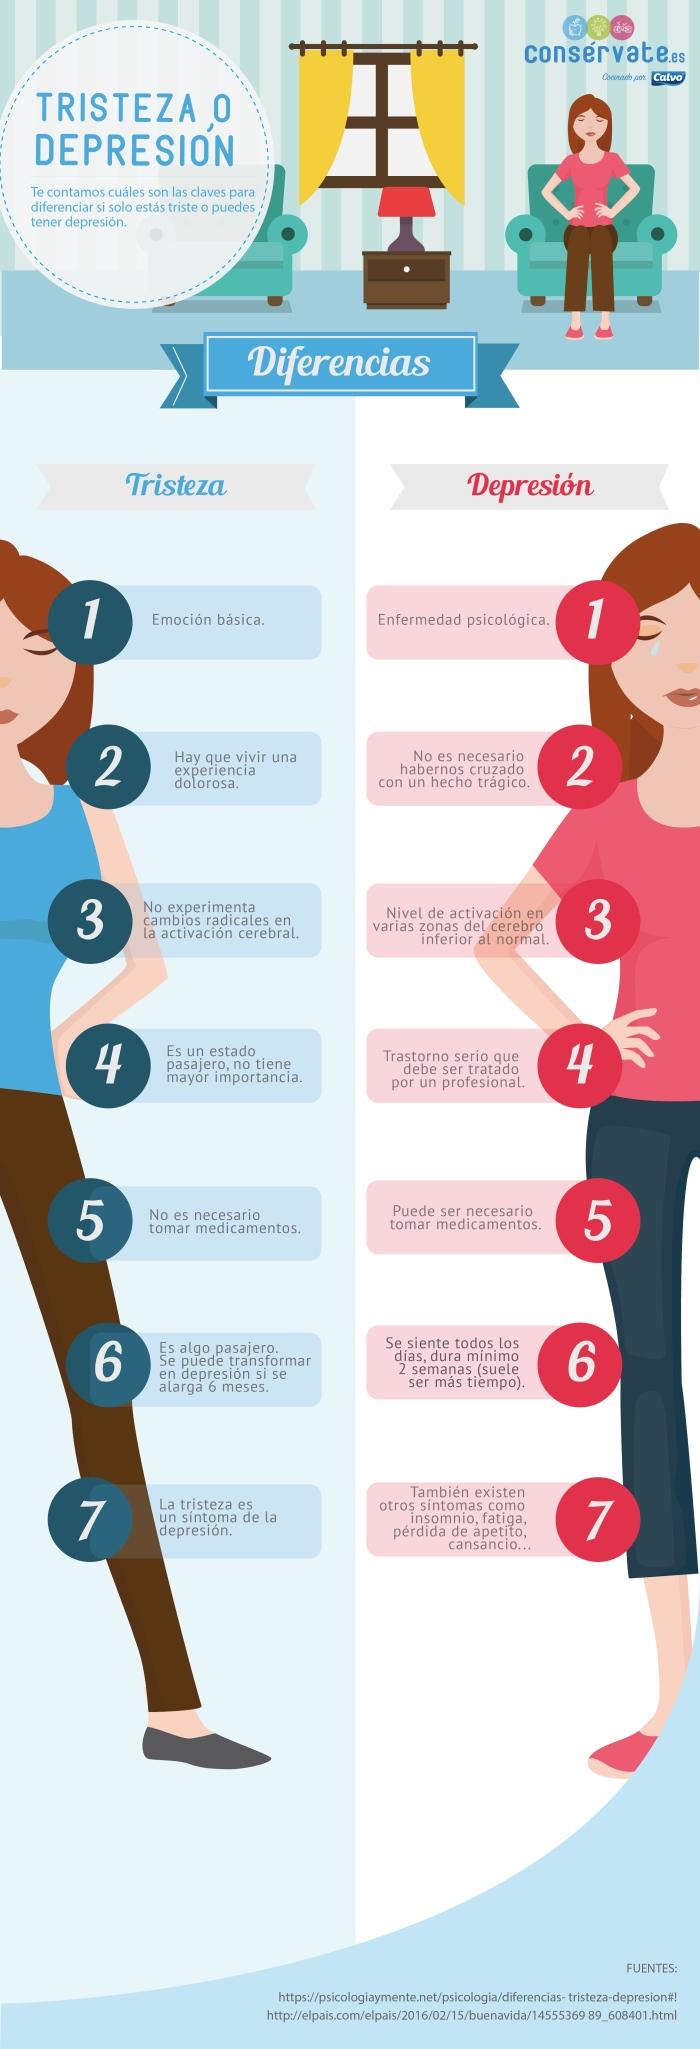 tristeza-vs-depresion-infografia